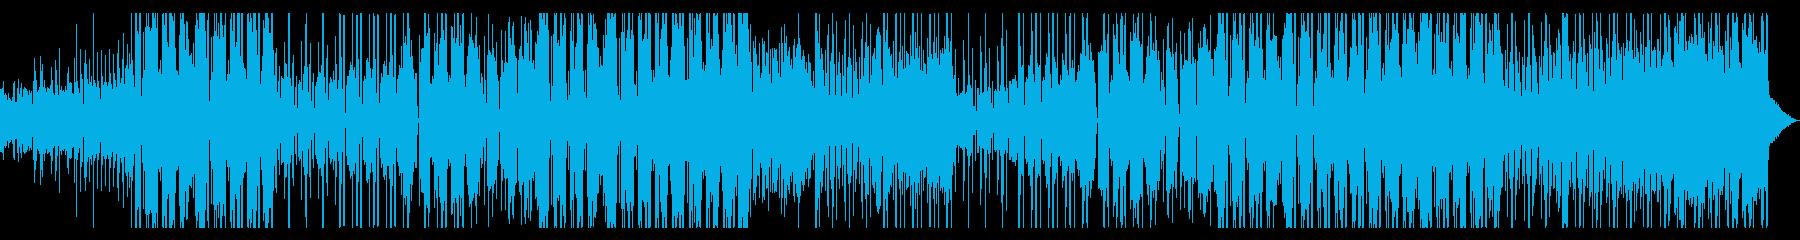 声ネタ使用シンセポップ・エレクトロの再生済みの波形